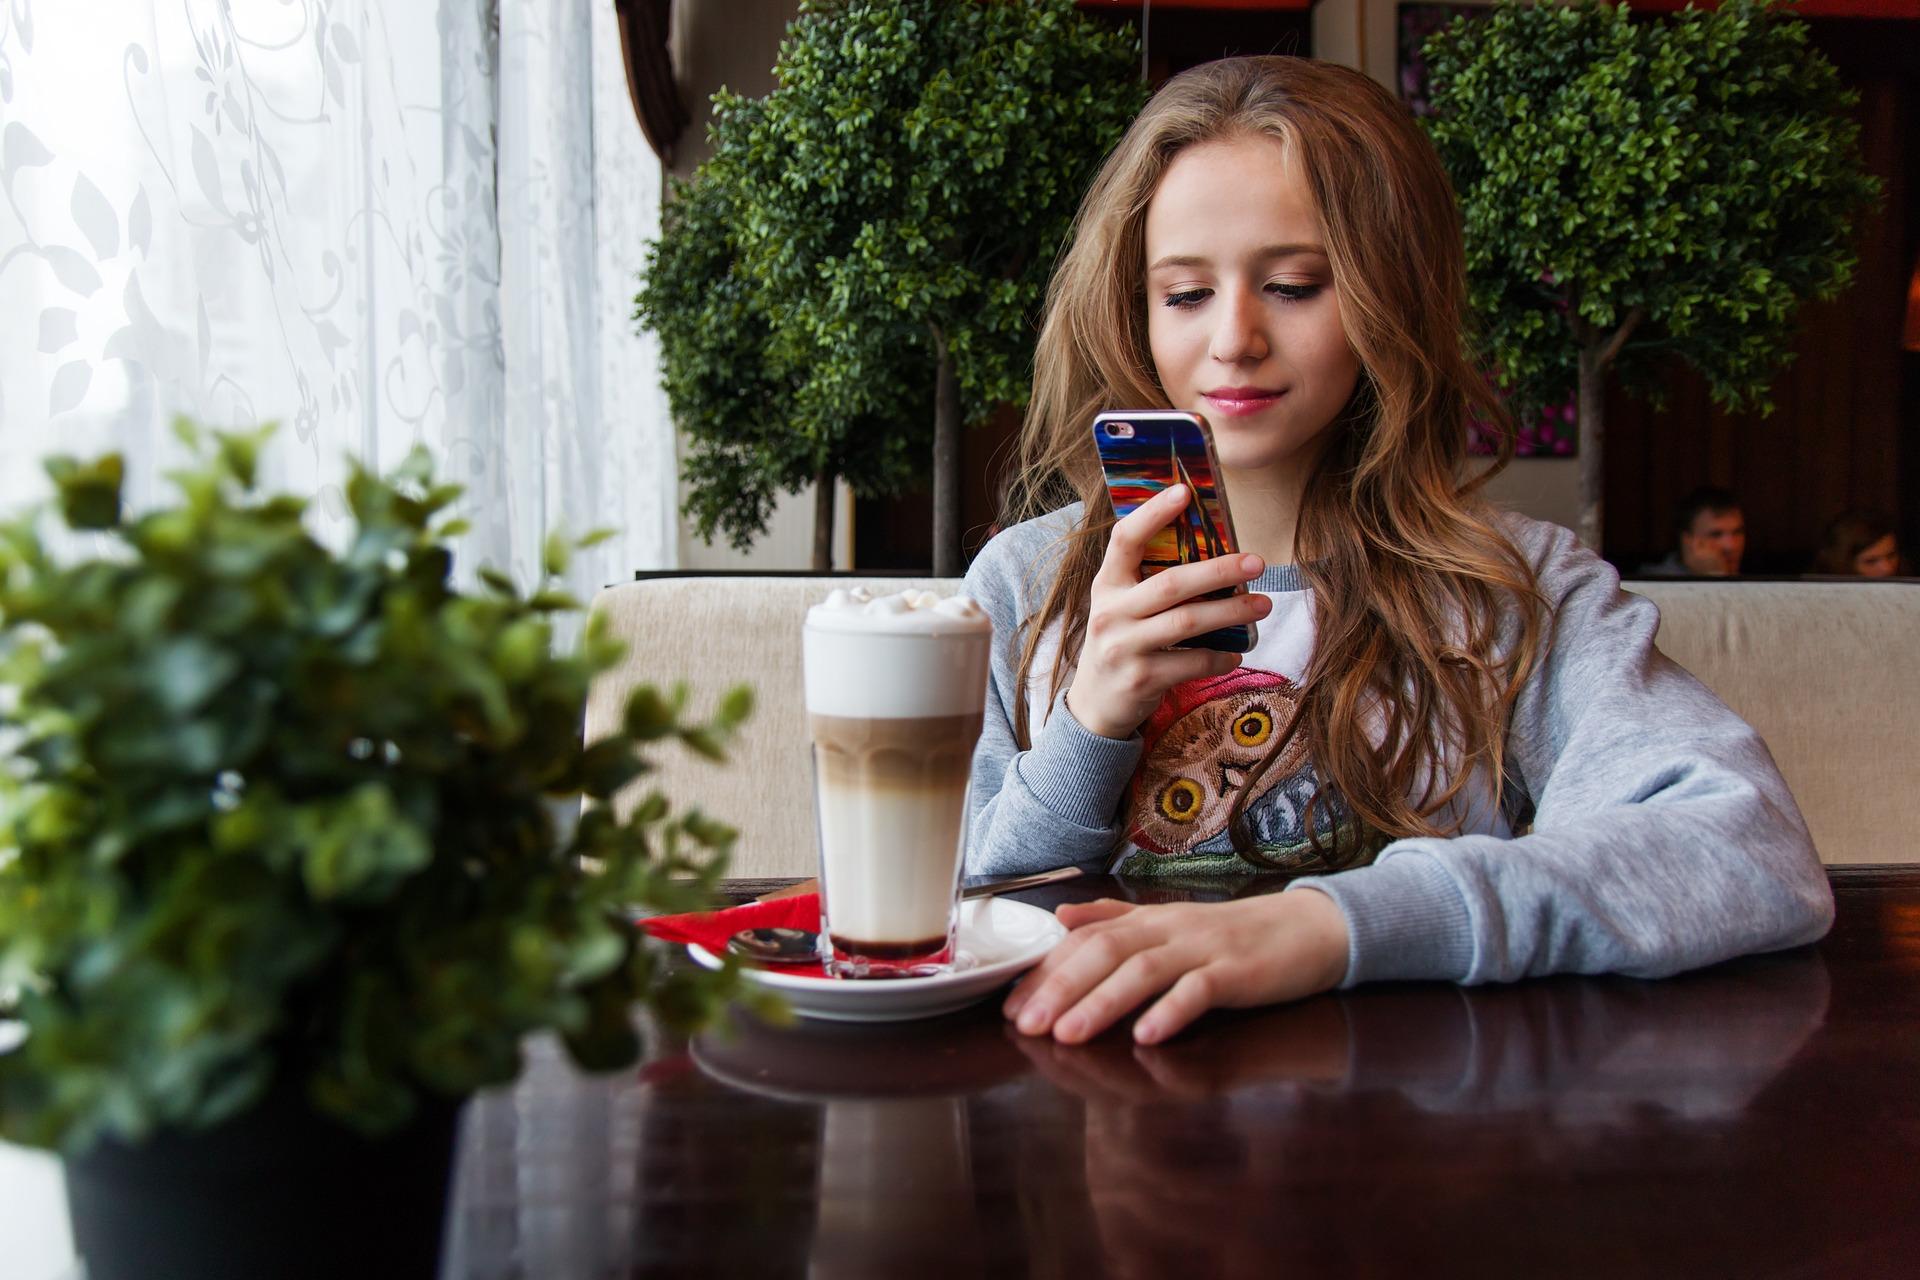 מתנה לילדה מתבגרת: איך בוחרים את המתנה האידאלית?